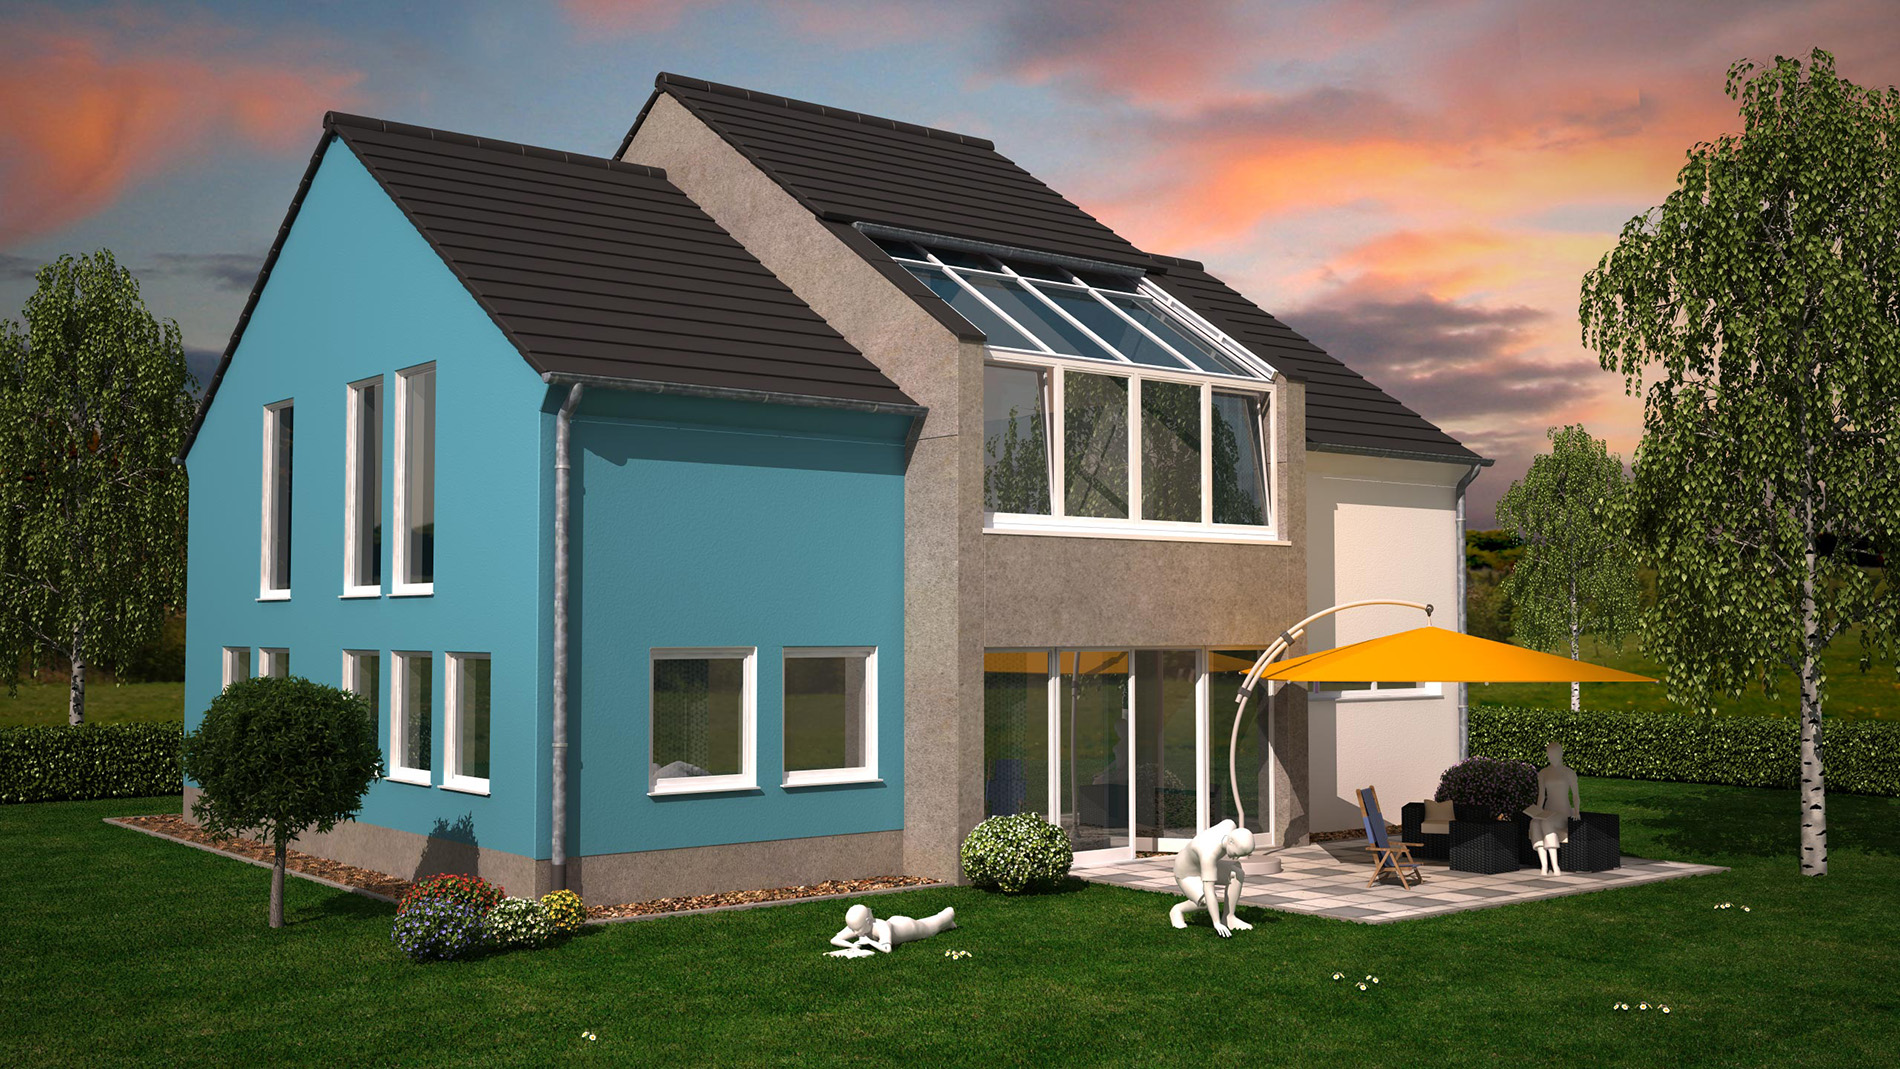 3D-Visualisierung Einfamilienhäuser